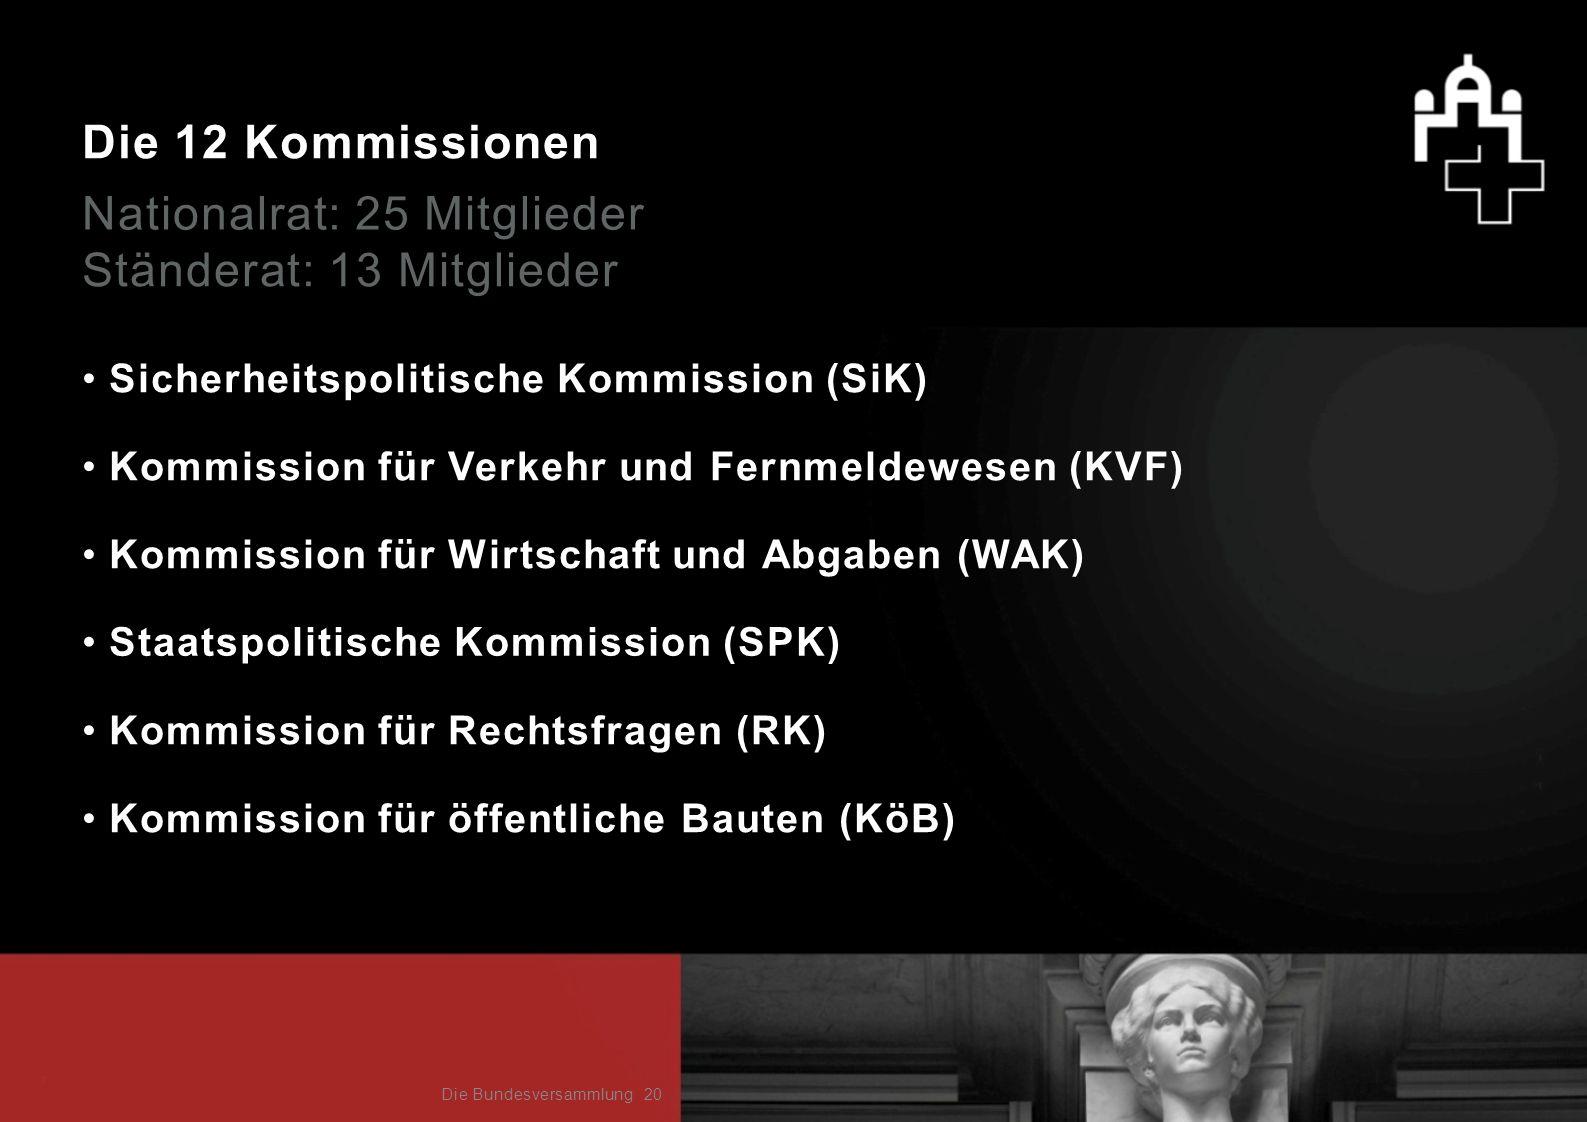 Die 12 Kommissionen Nationalrat: 25 Mitglieder Sicherheitspolitische Kommission (SiK) Ständerat: 13 Mitglieder Kommission für Verkehr und Fernmeldewes